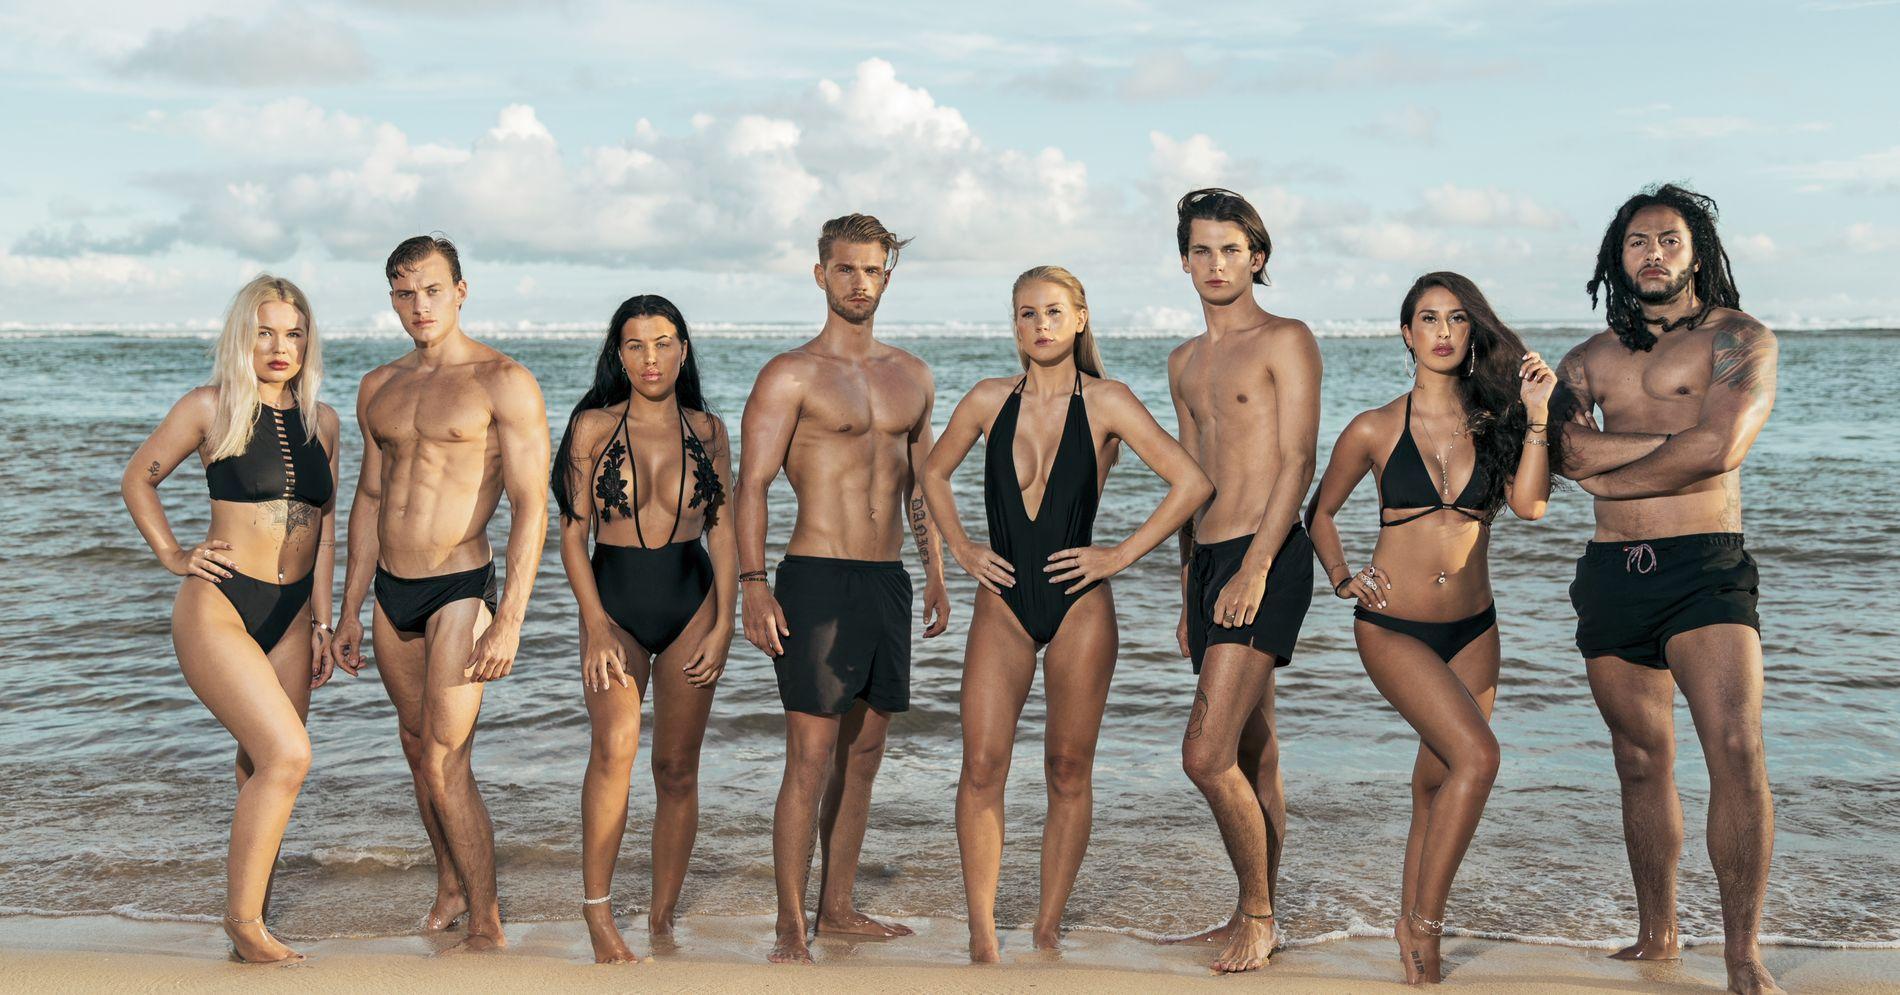 SKANDALE-SERIE: Reality-programmet «Ex on the beach» skaper både overskrifter og strømme-rekorder.